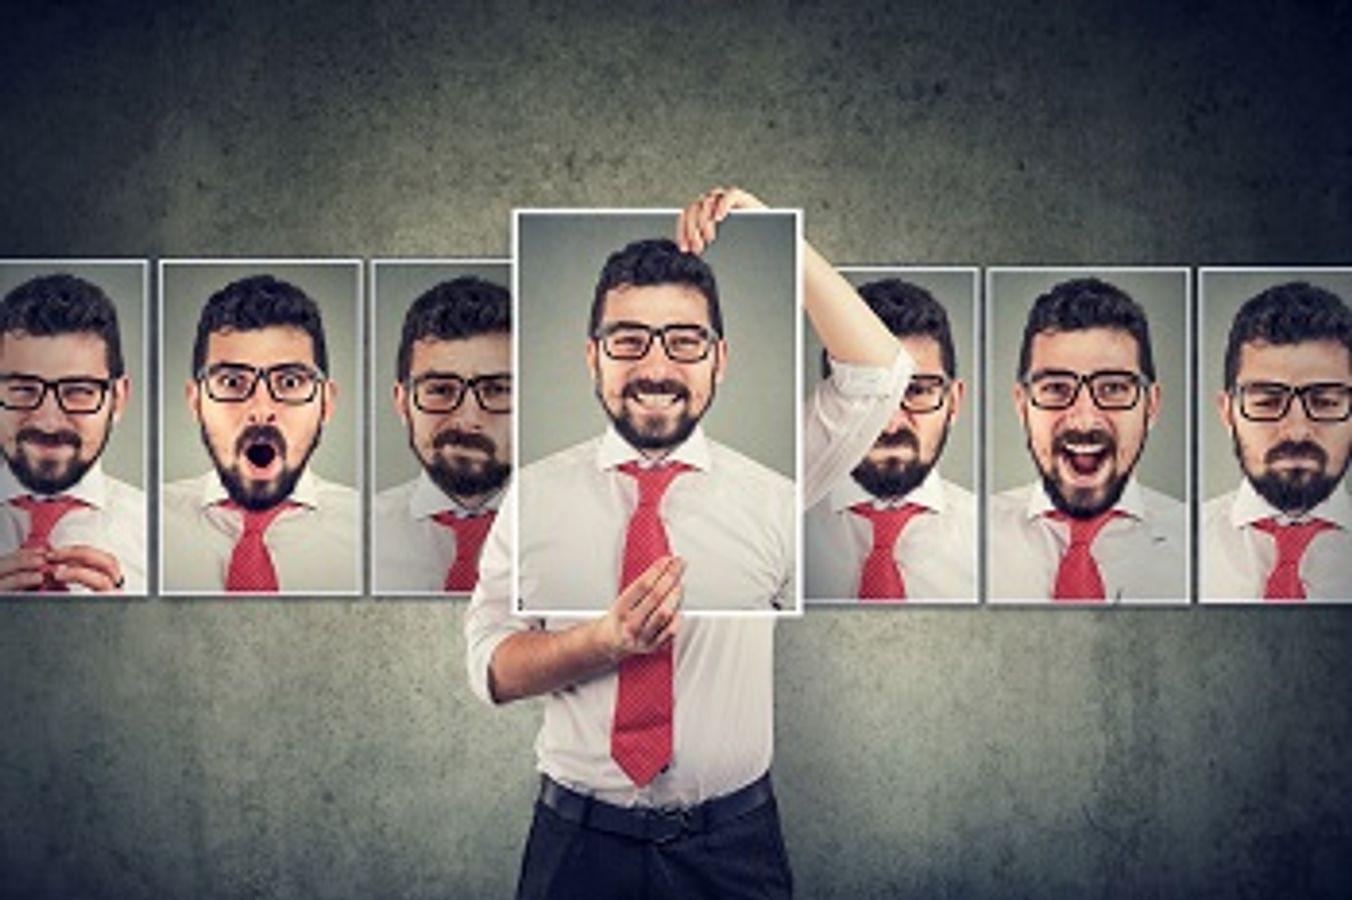 Manager avec l'intelligence émotionnelle et vos forces naturelles